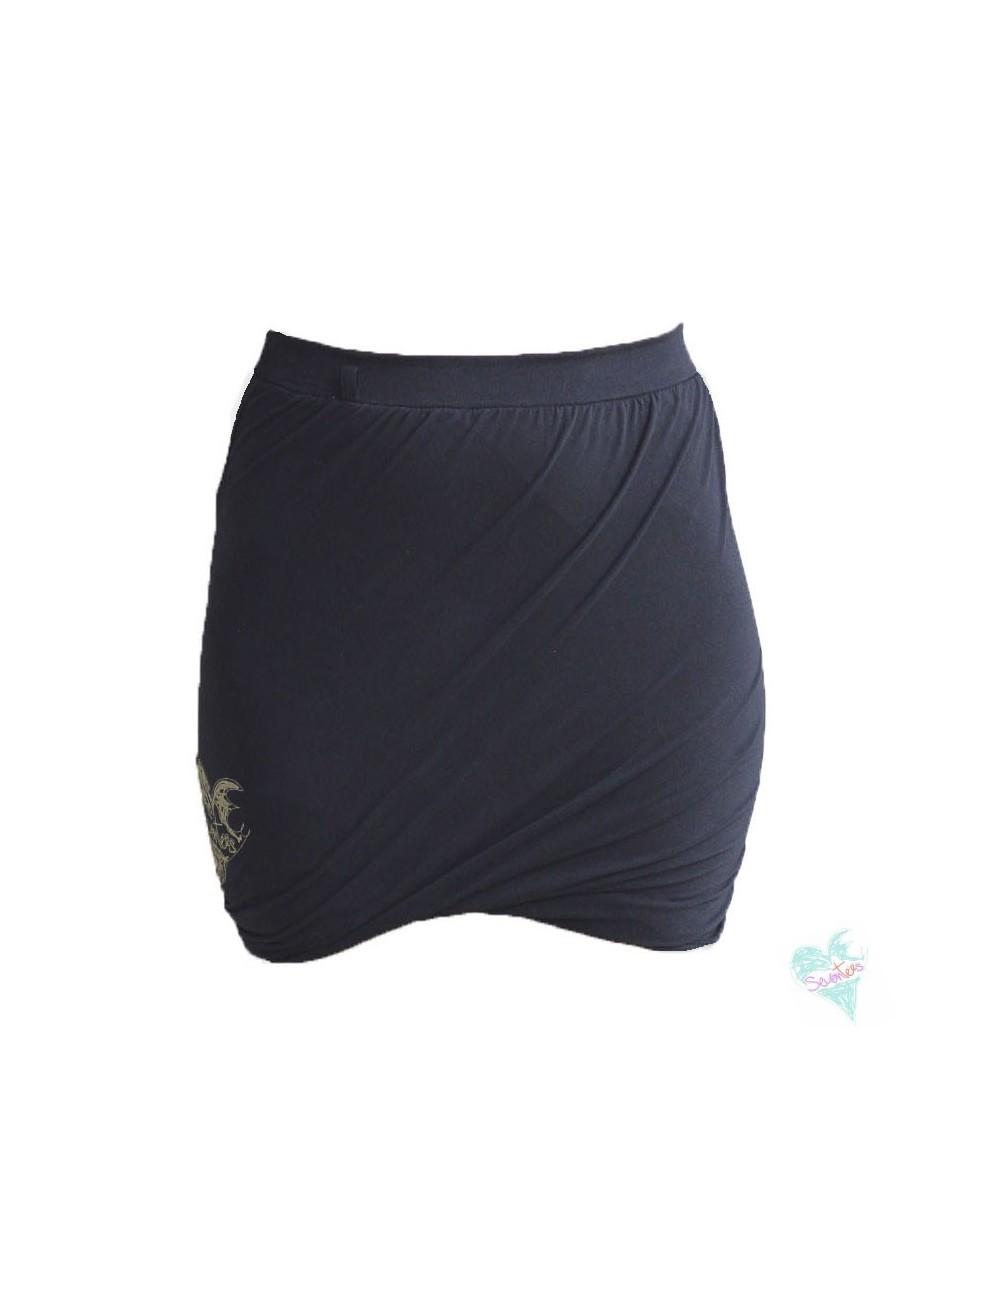 Miniskirt Negro